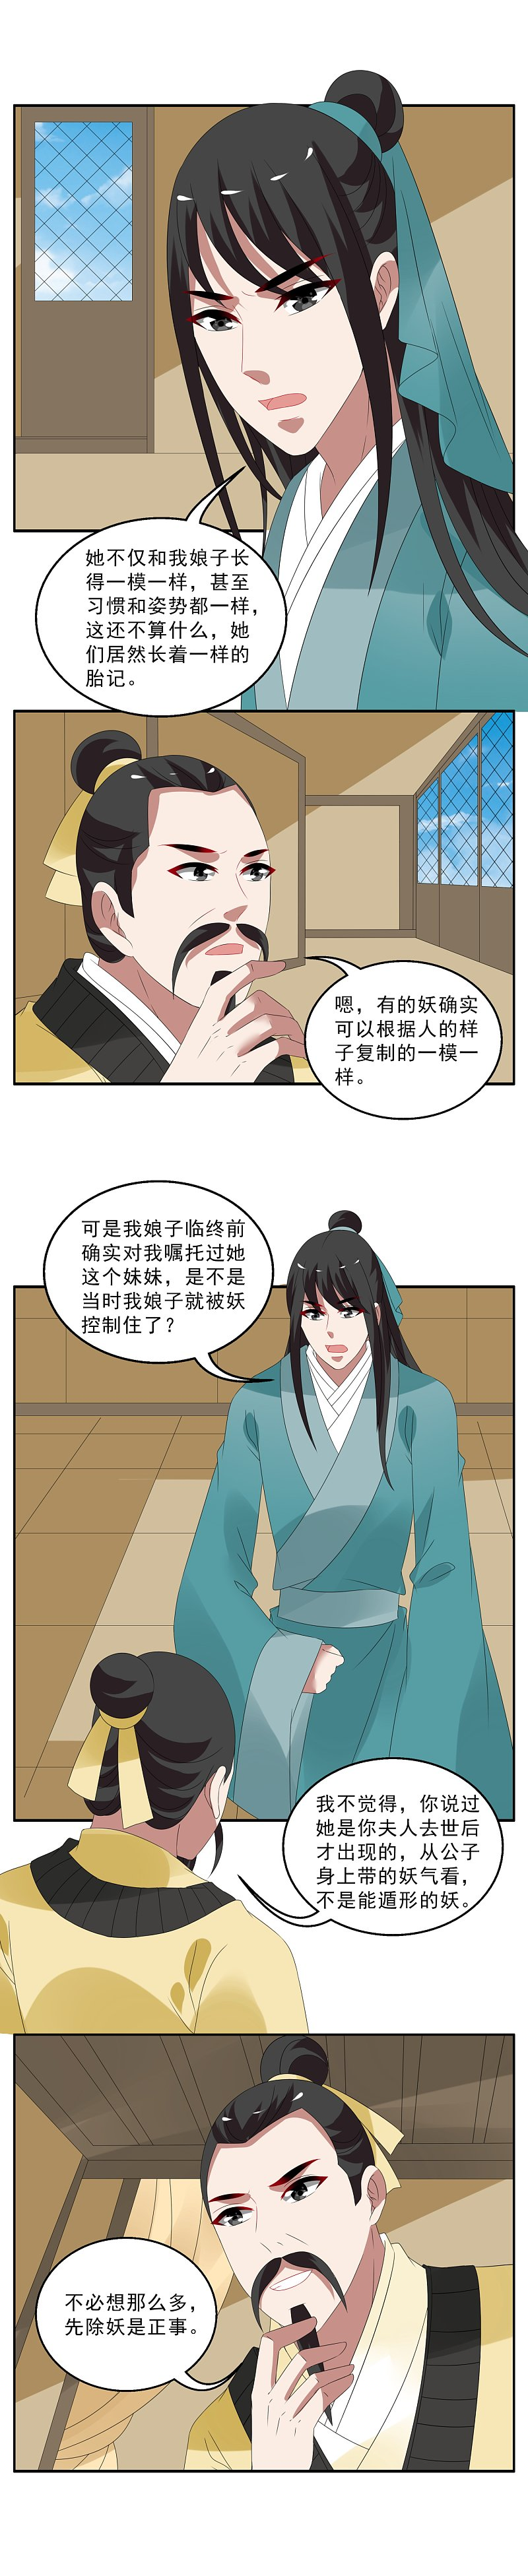 洛小妖139 (7).JPG